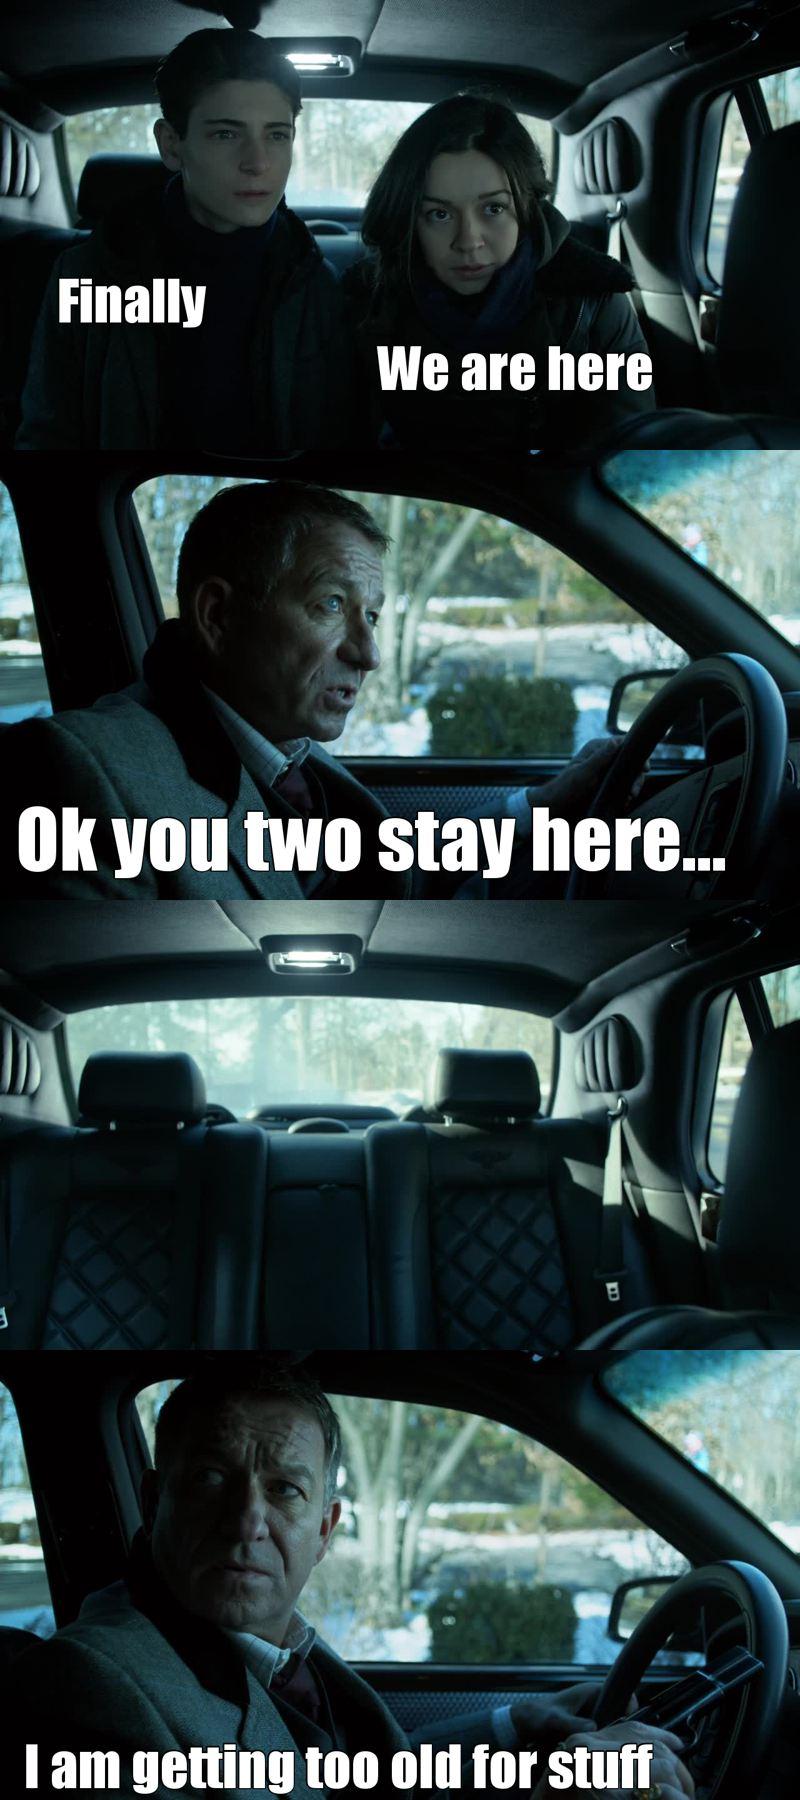 Hahaha best scene xD